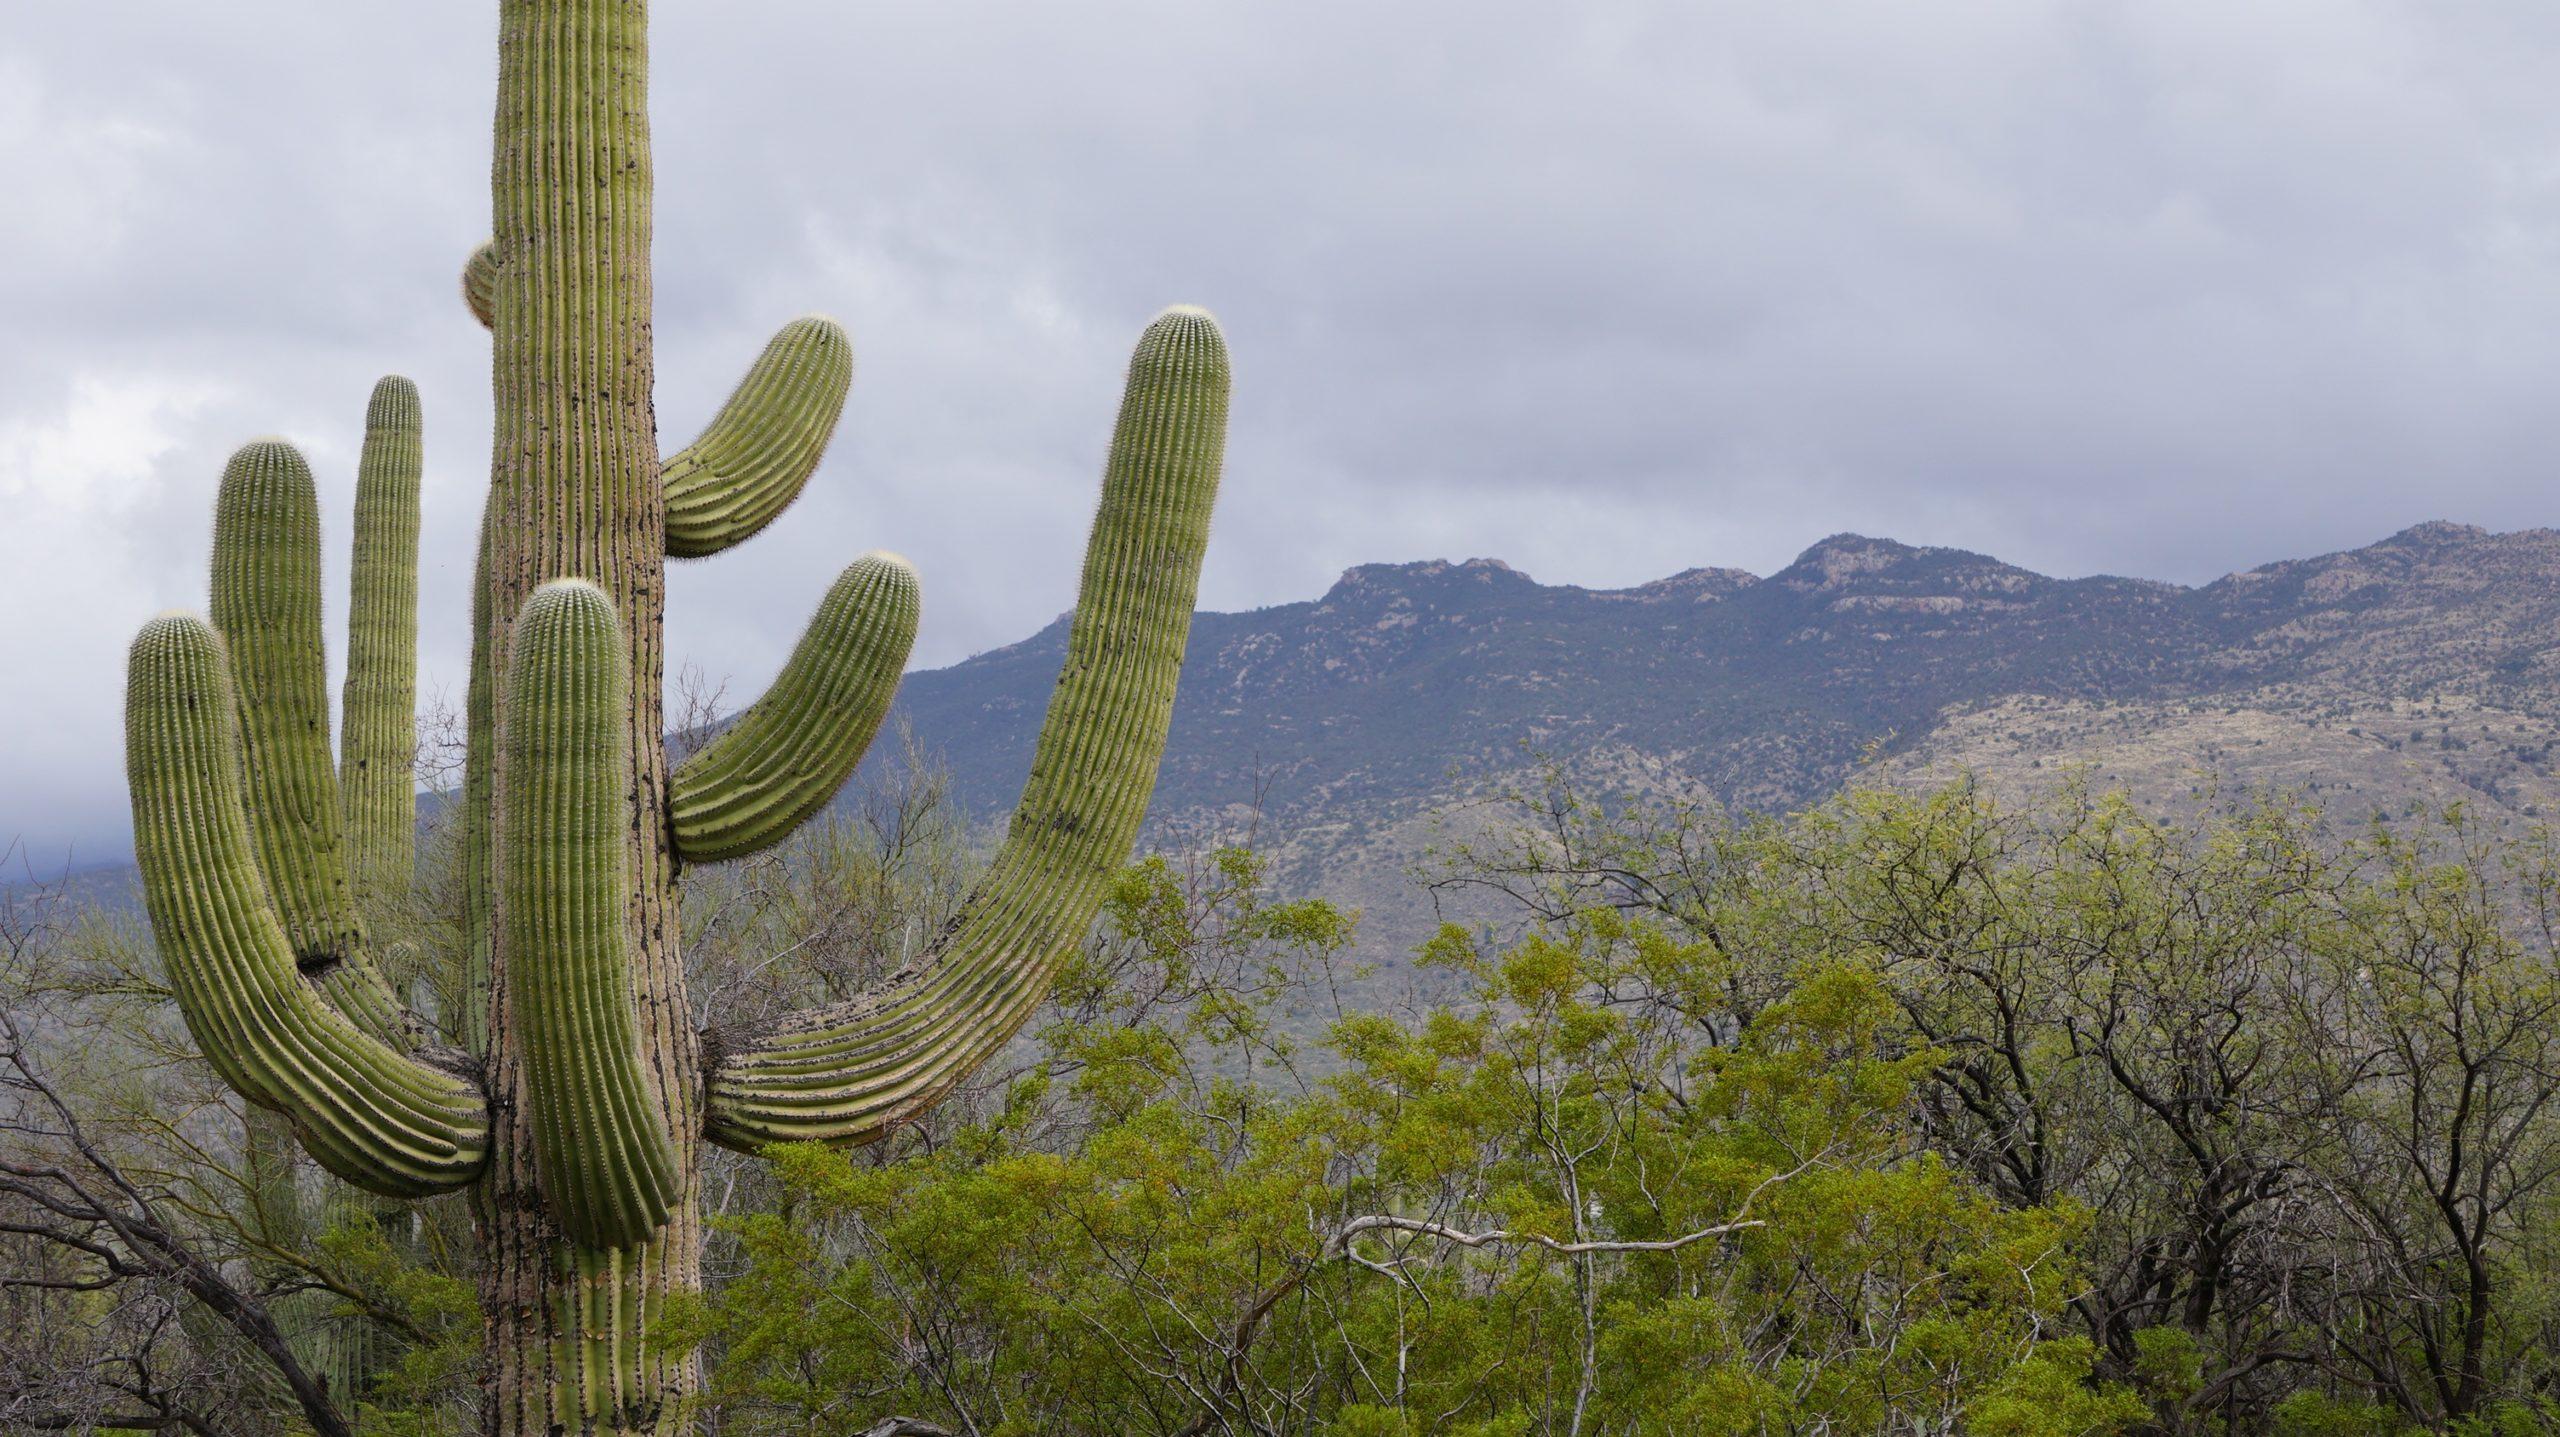 фото кактус сагуаро